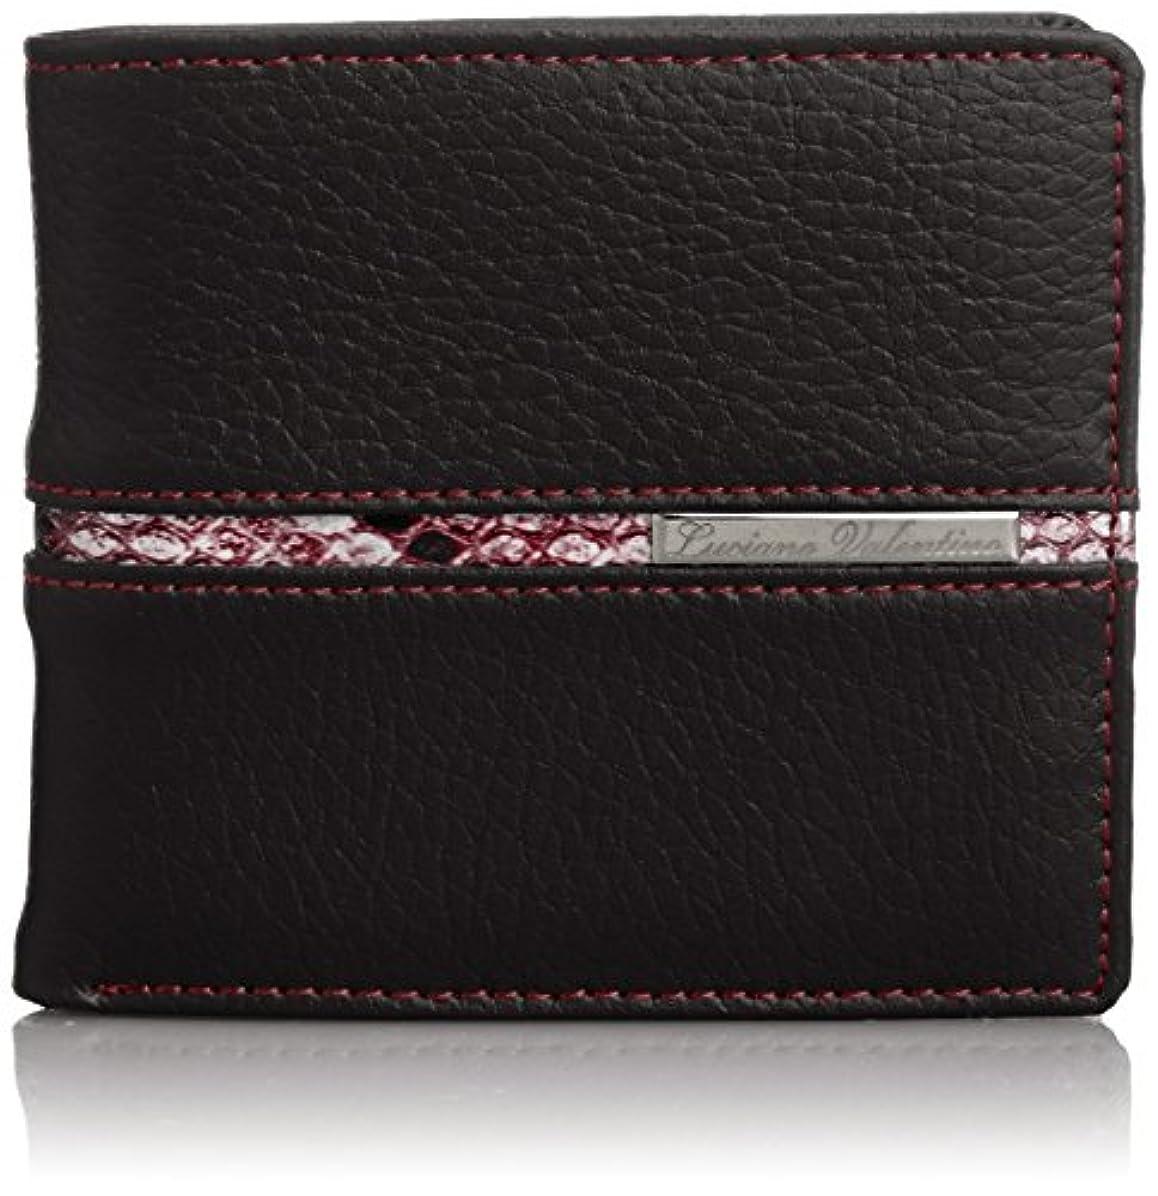 バラ色シフトとにかく[ルチアノバレンチノ] 二つ折り財布 牛革×パイソンレザー LUV-1022